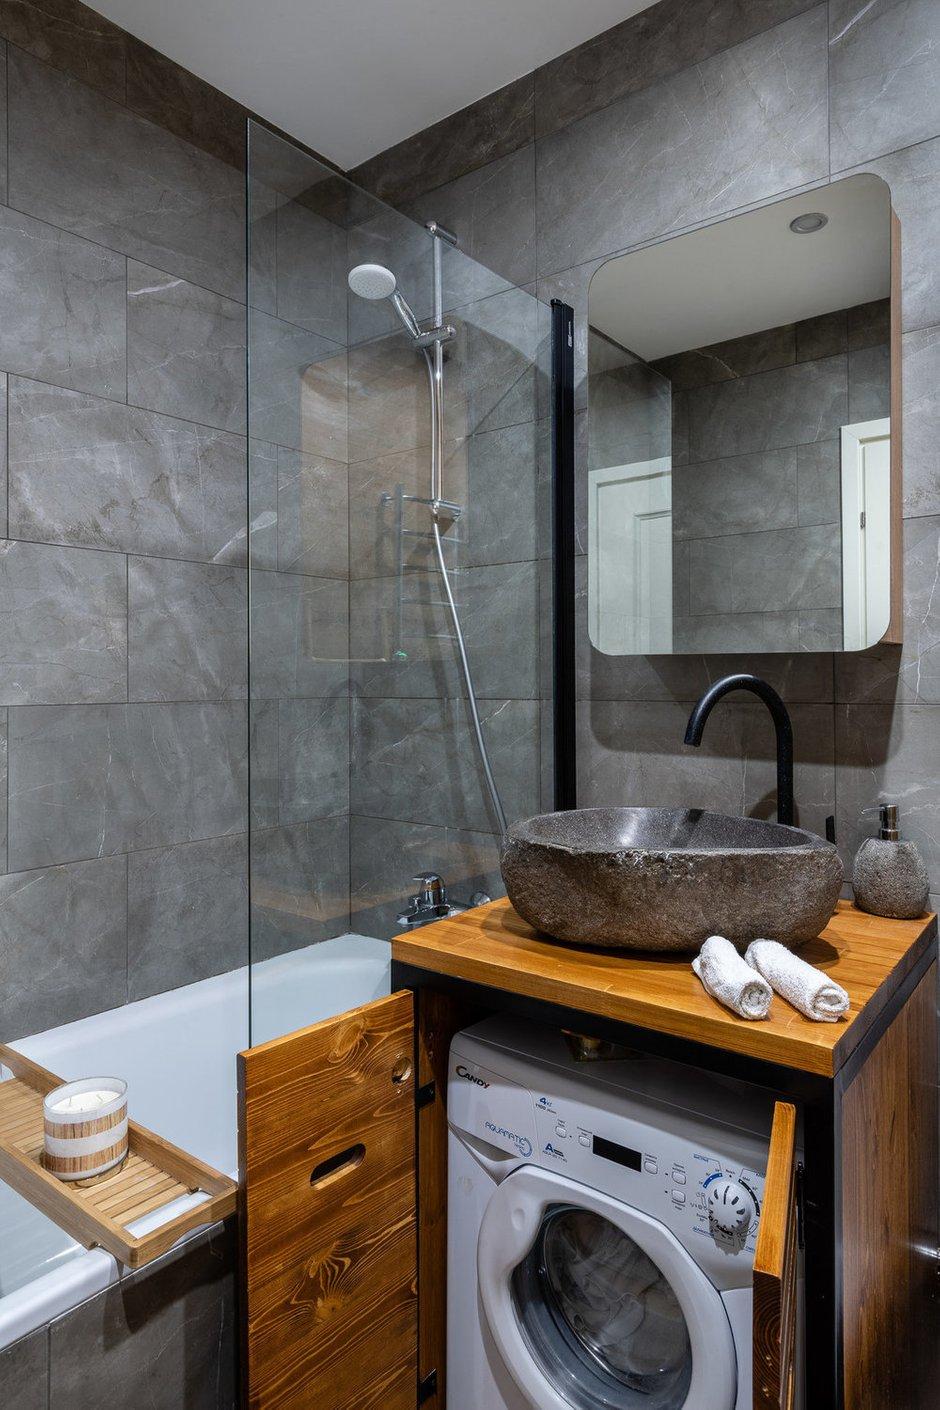 Фотография: Ванная в стиле Современный, Гид, идеи для ванной комнаты, дизайн санузла – фото на INMYROOM